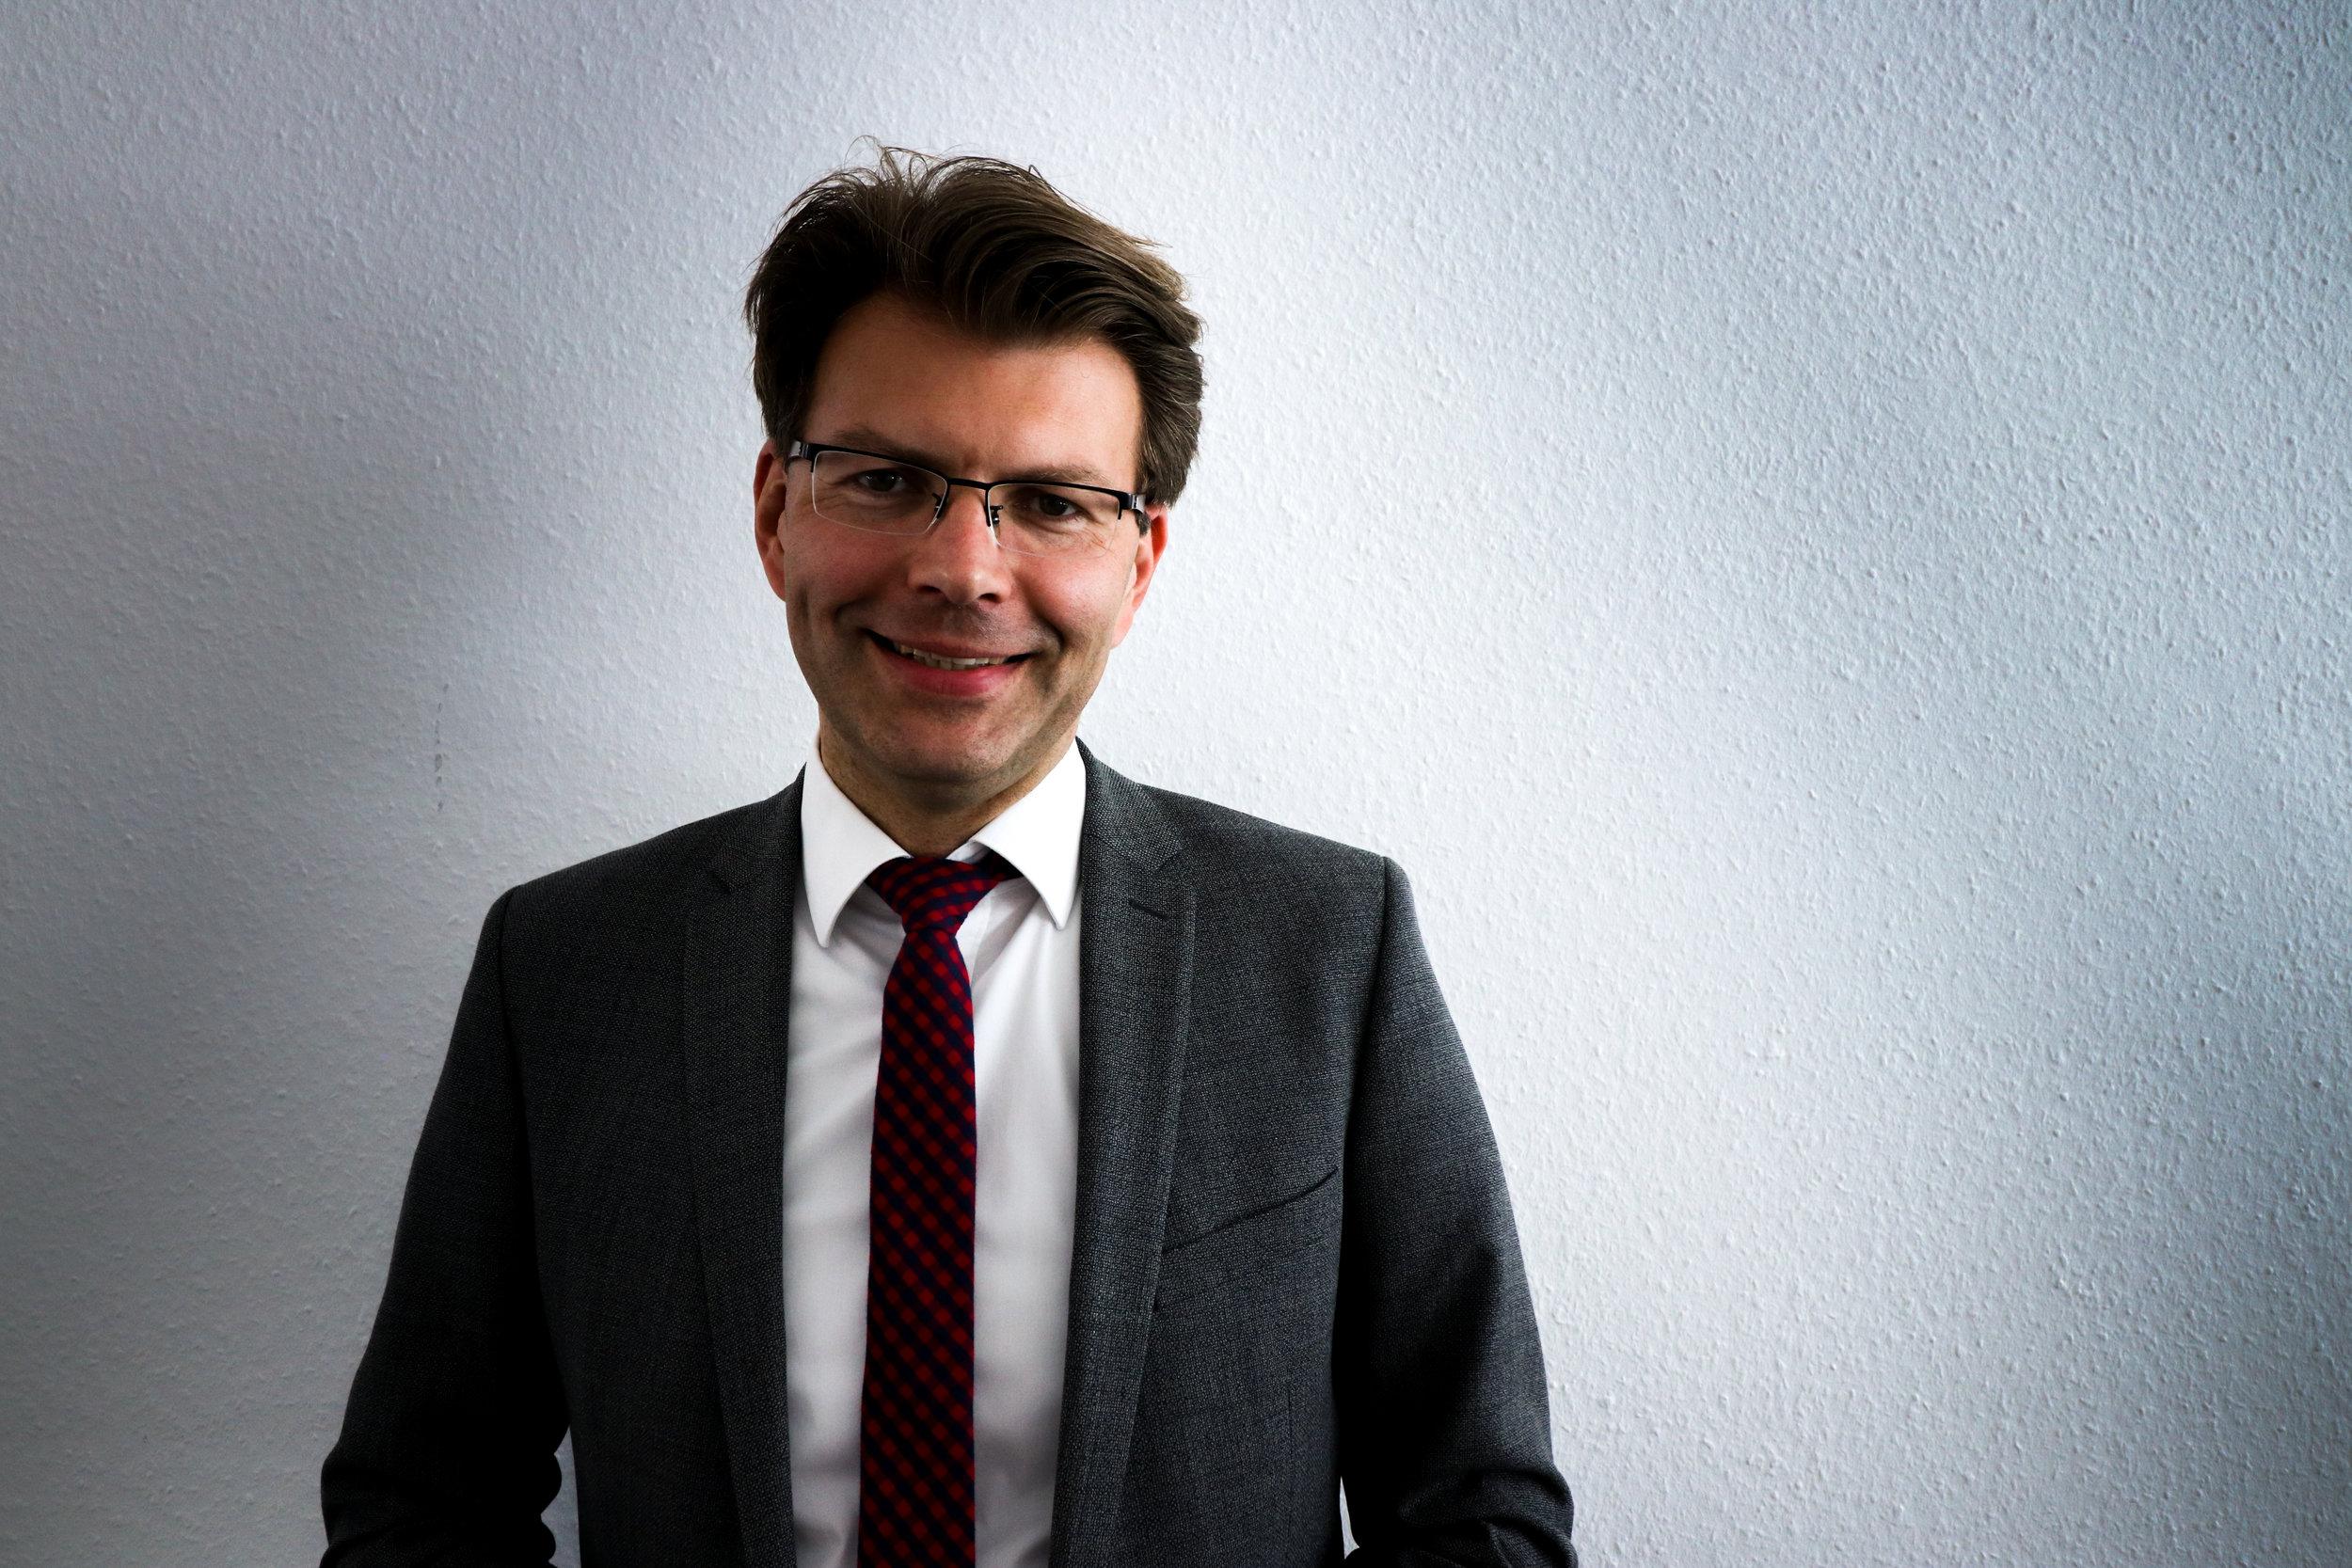 """""""MAcron, als könig auf zeit, regiert eben anders"""" - Daniel Caspary, Vorsitzender der CDU/CSU-Gruppe im EU-Parlament"""